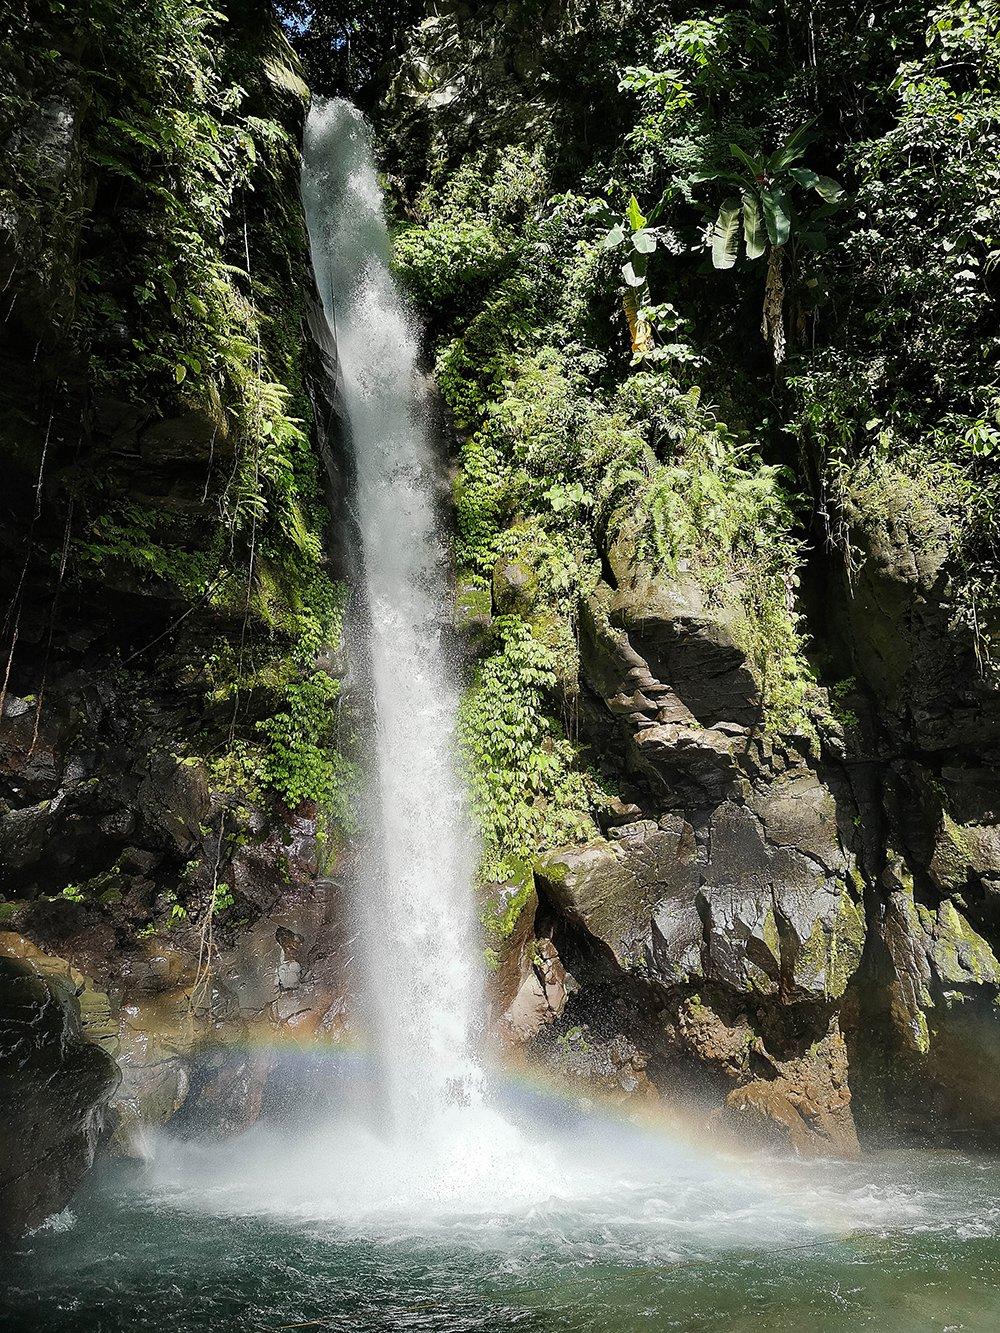 tuasan falls camiguin philippines